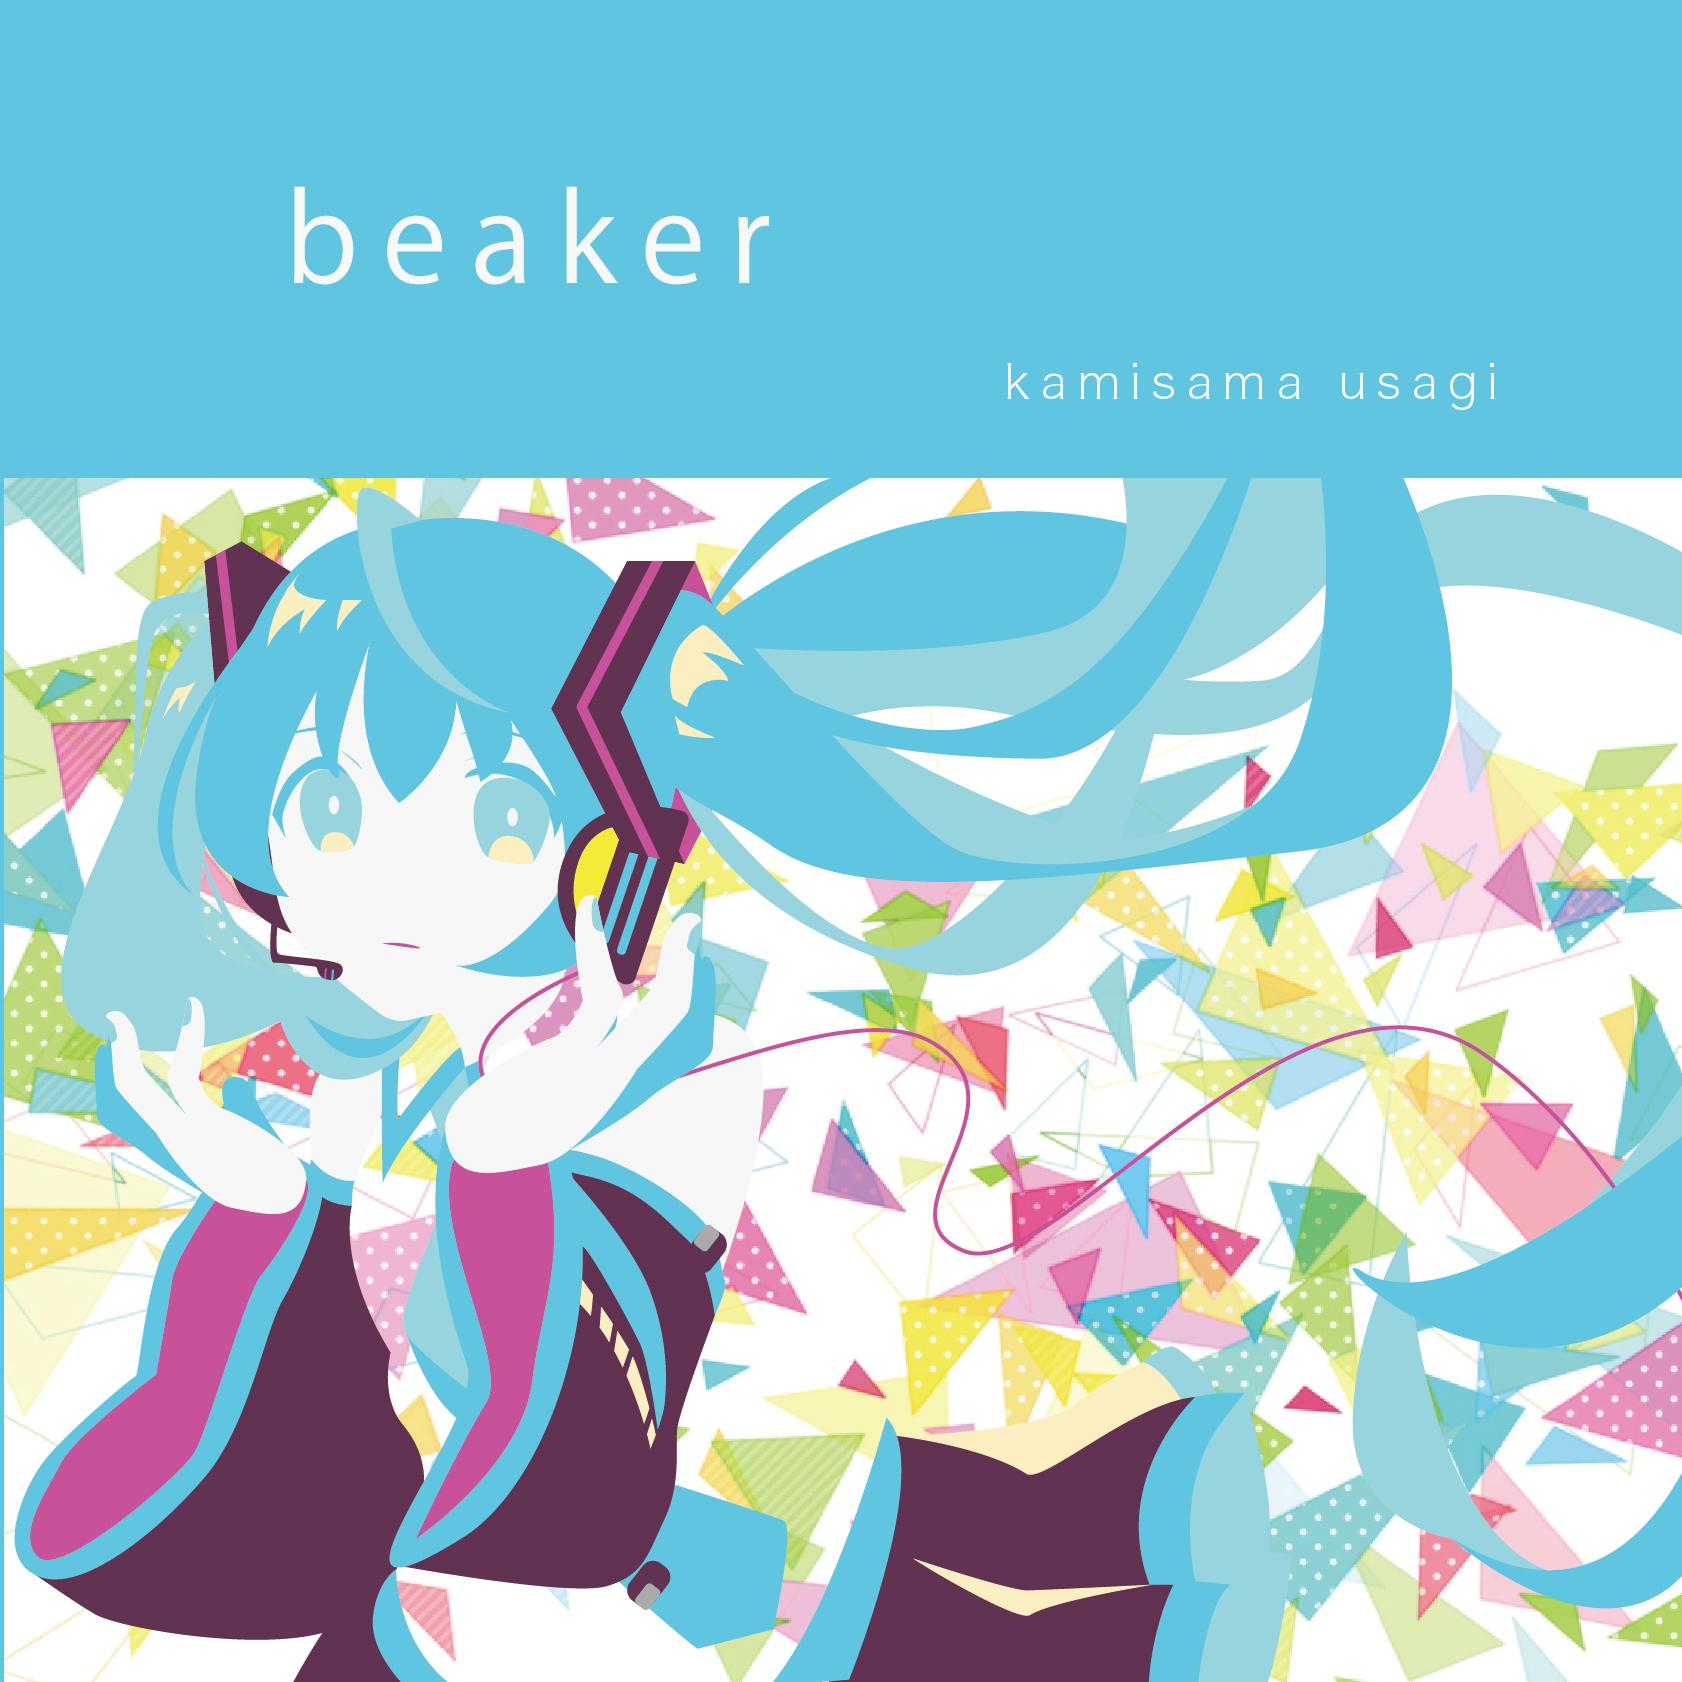 アルバム「Beaker」特設ページ